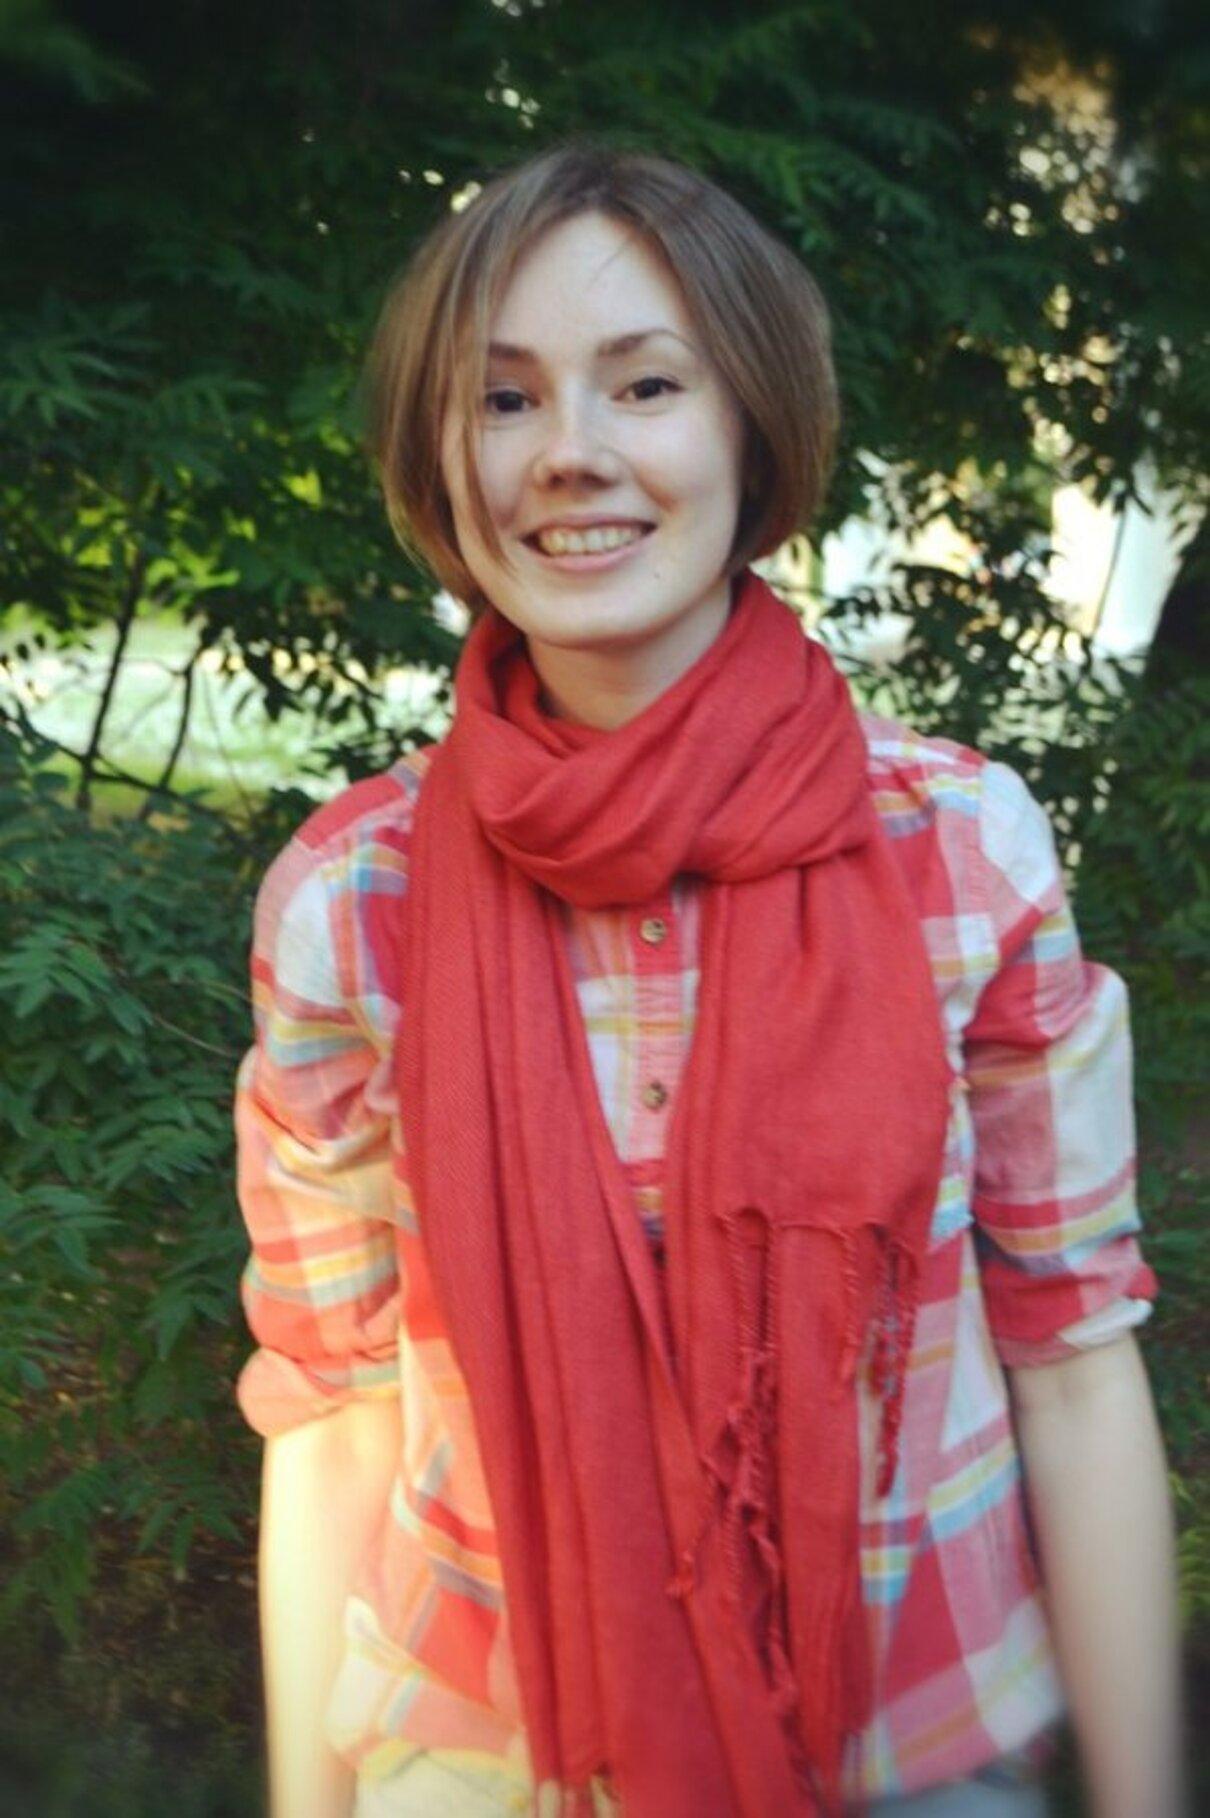 Жалоба-отзыв: Румянцева Алиса Игоревна - Нечистоплотный продавец на OLX.  Фото №4